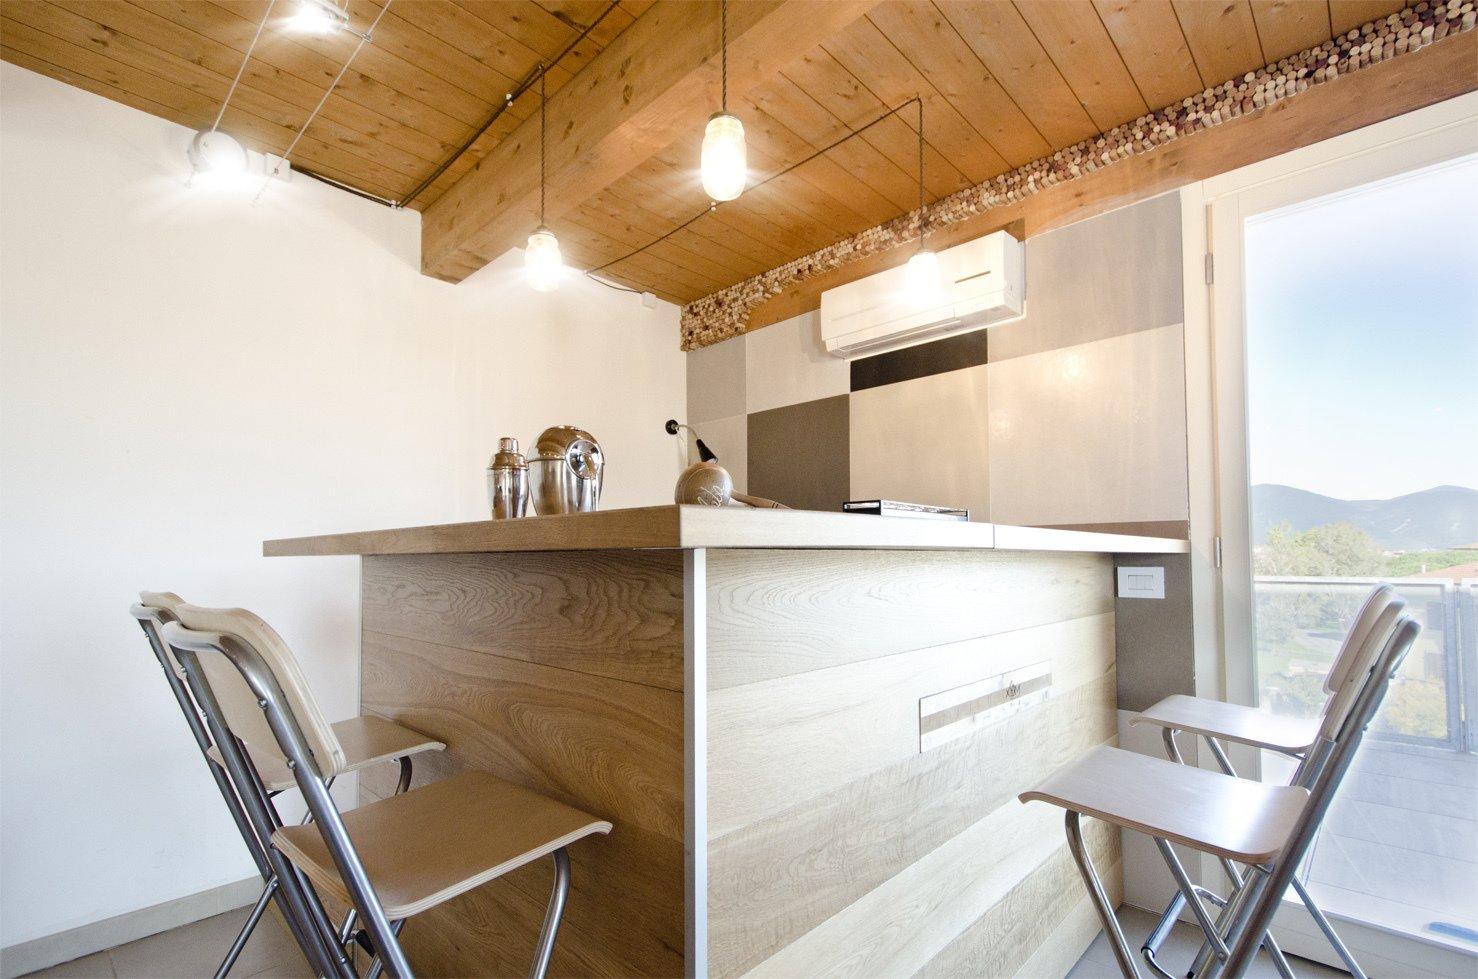 Photo 2 of 6 in Co-Housing Zero